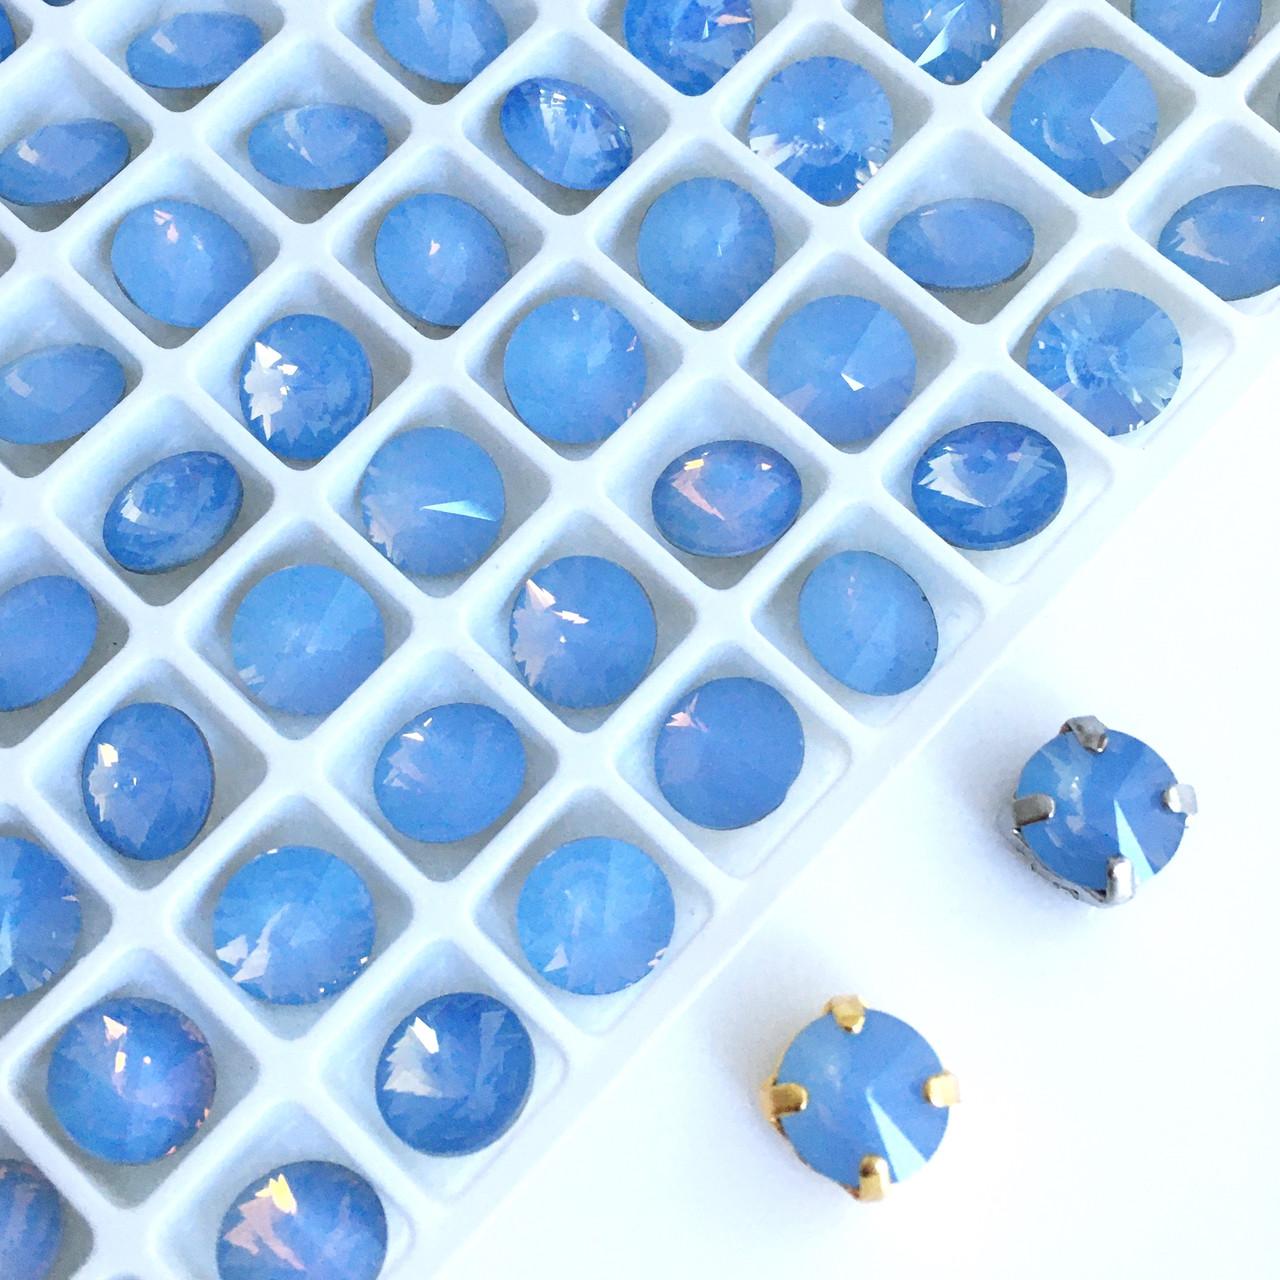 Круглые 8 мм. Голубой опал. Кристаллы стекло.